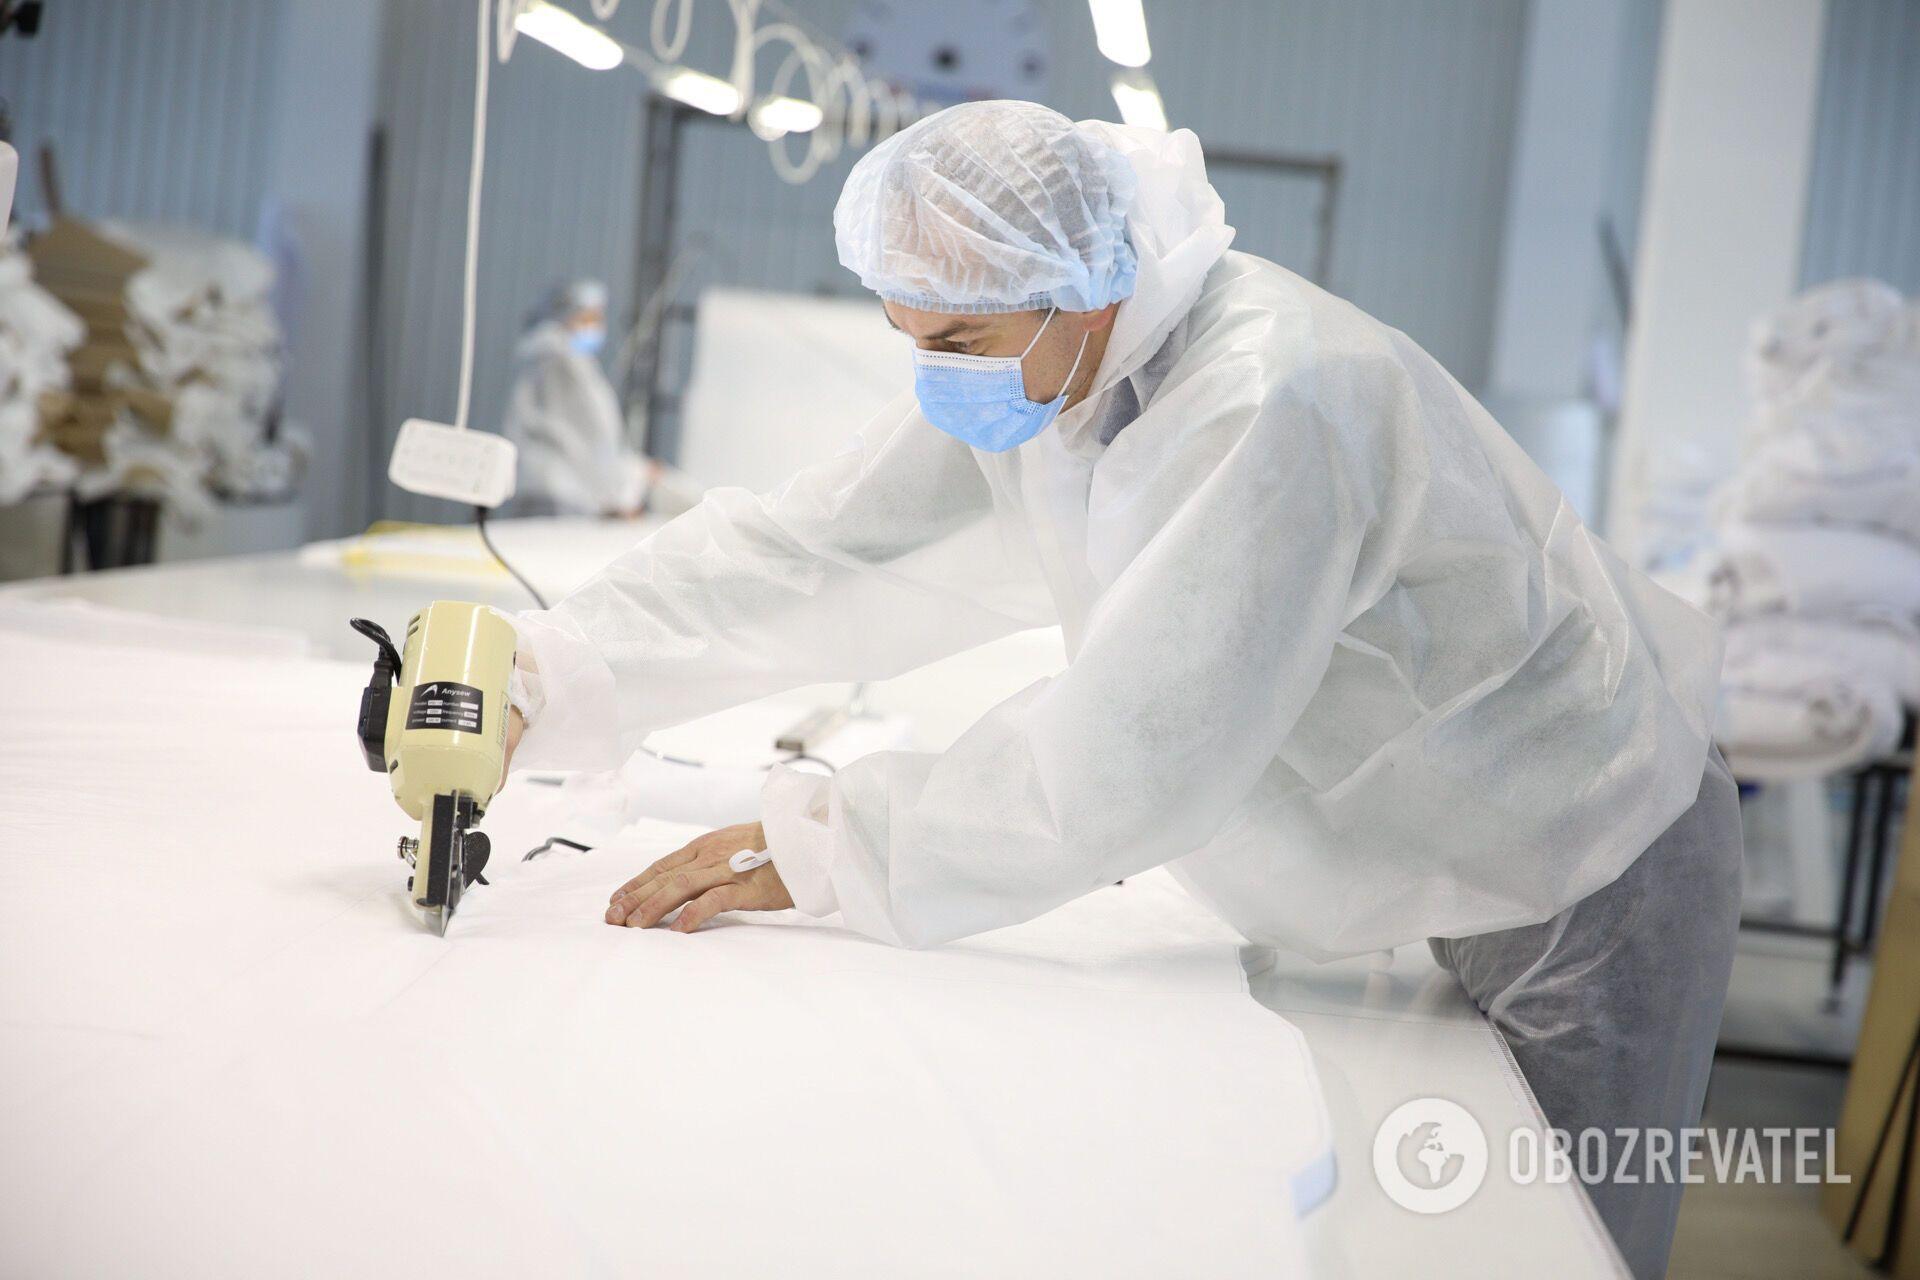 Защиту для медиков производят на современном оборудовании.